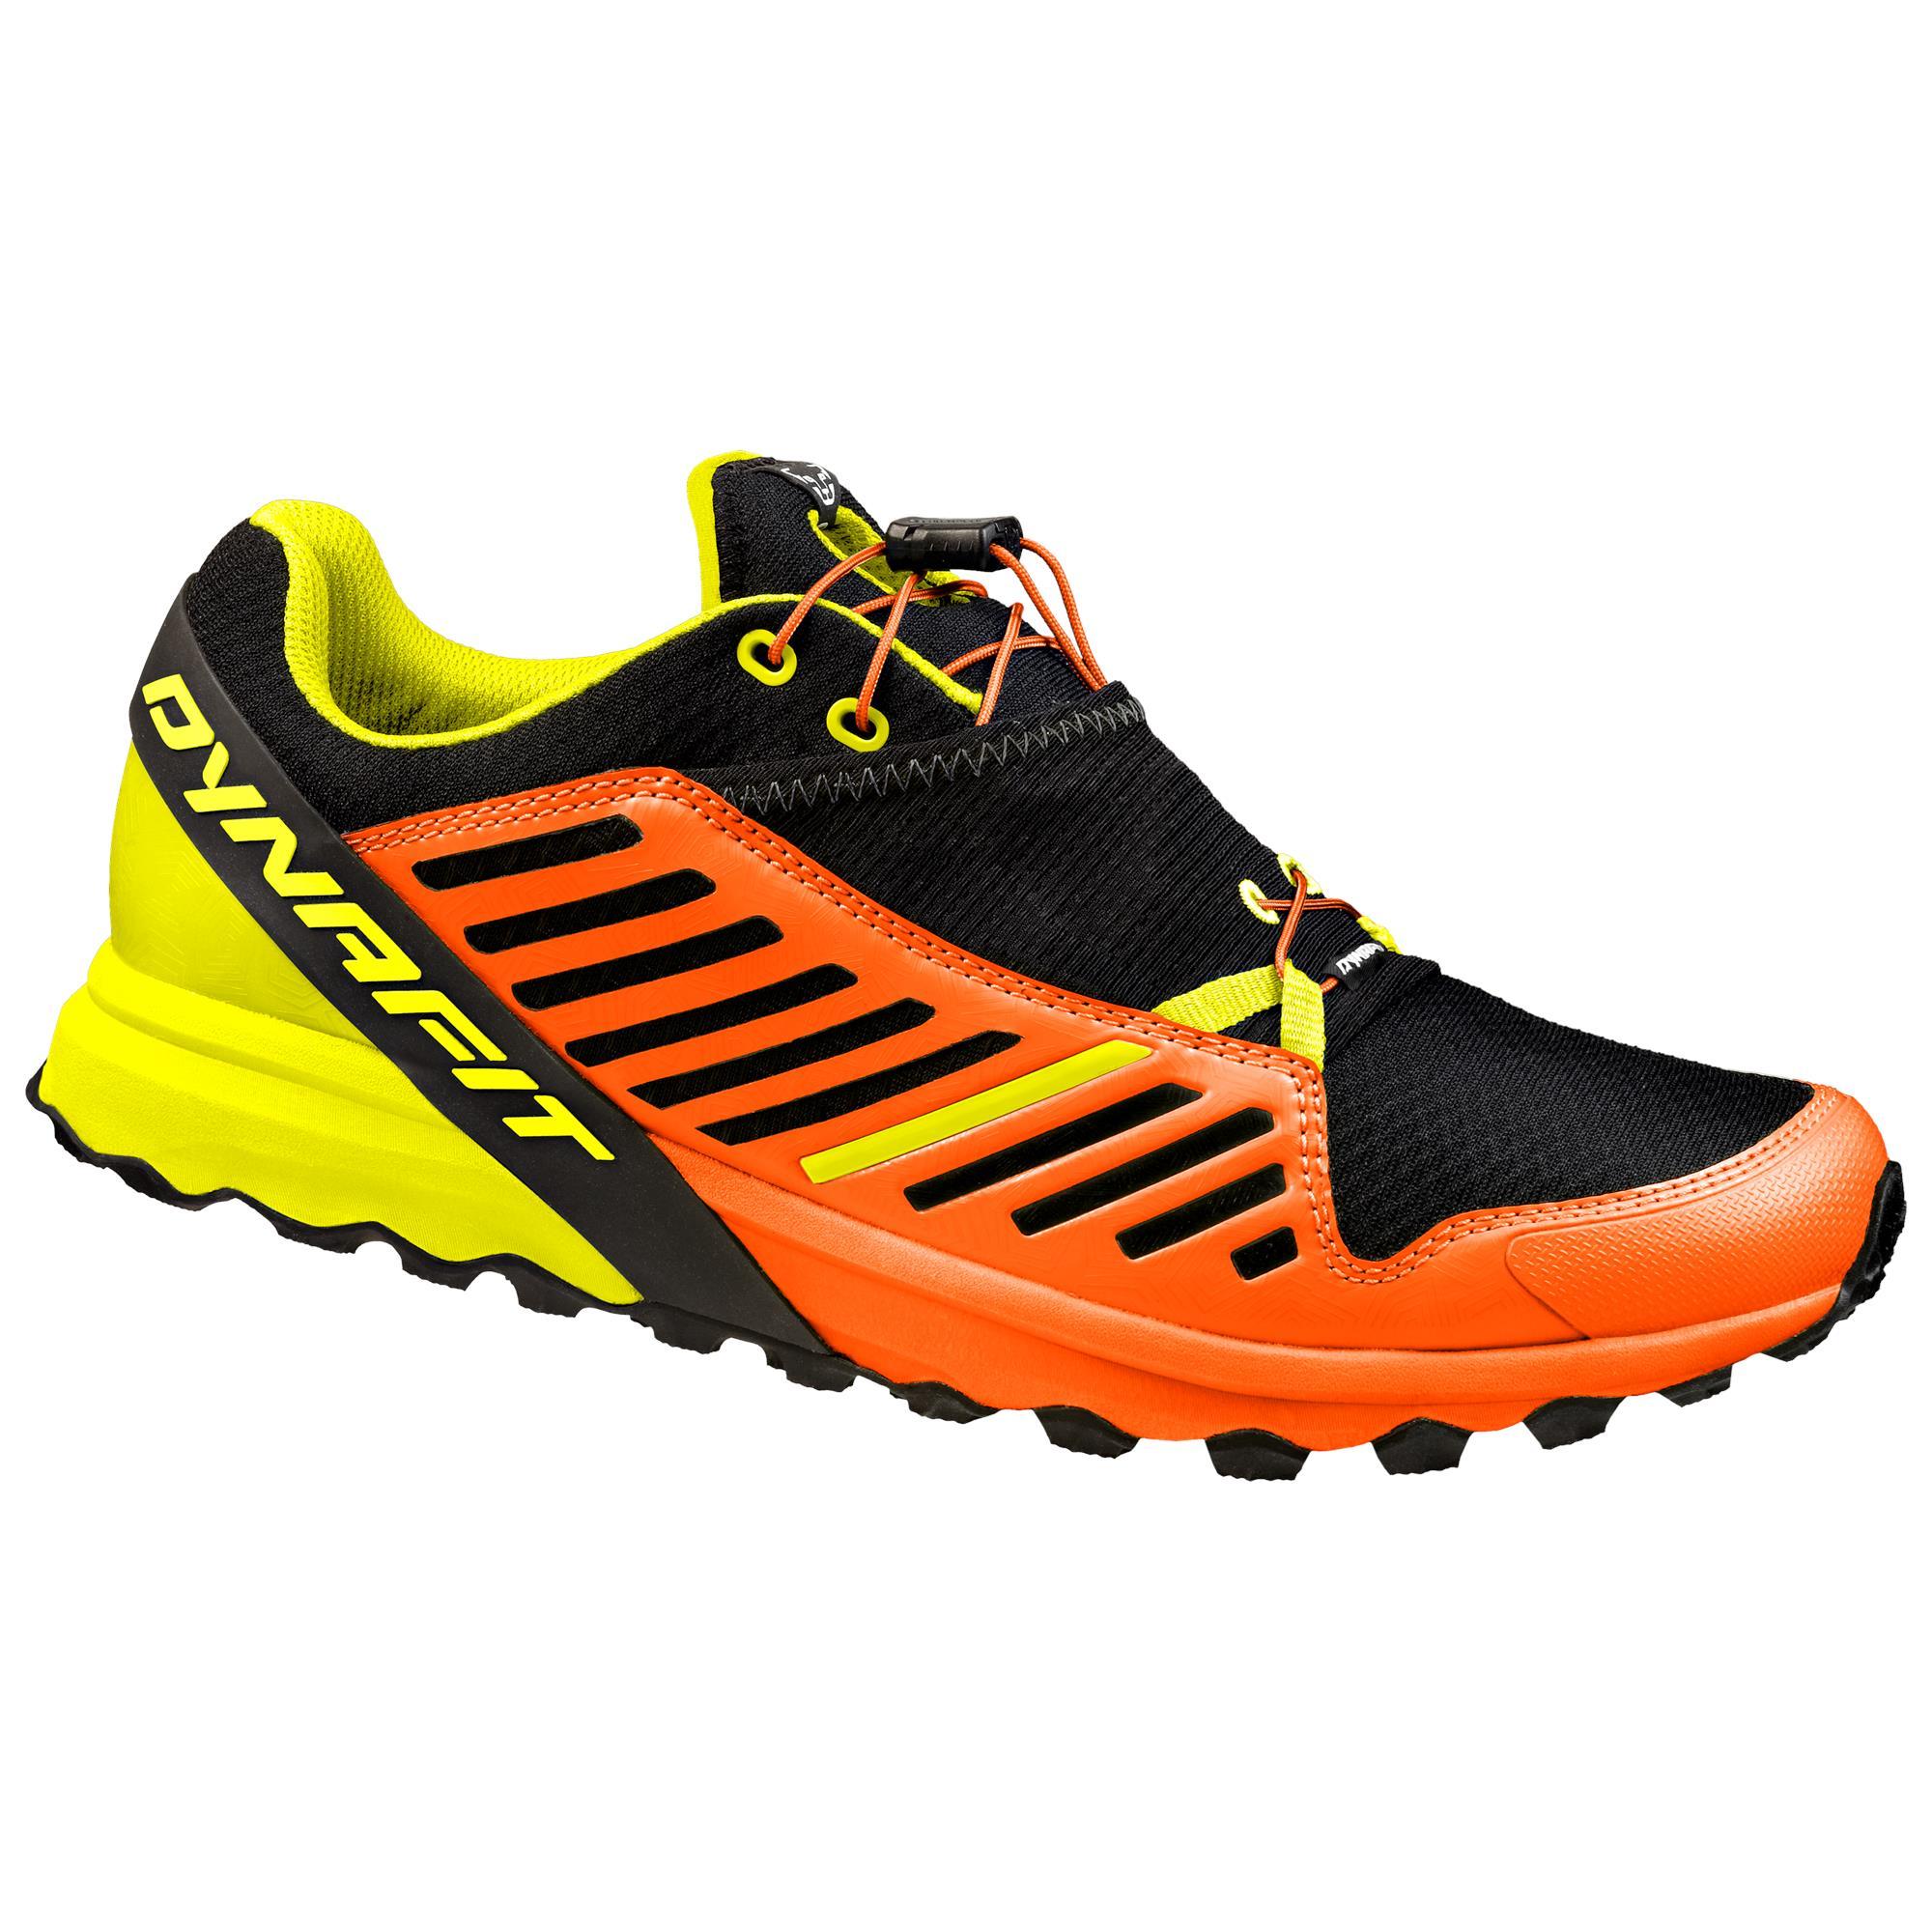 e6a5286b505fa Buty ALPINE PRO MEN | Letnie wyprzedaże buty \ męskie \ biegowe ...